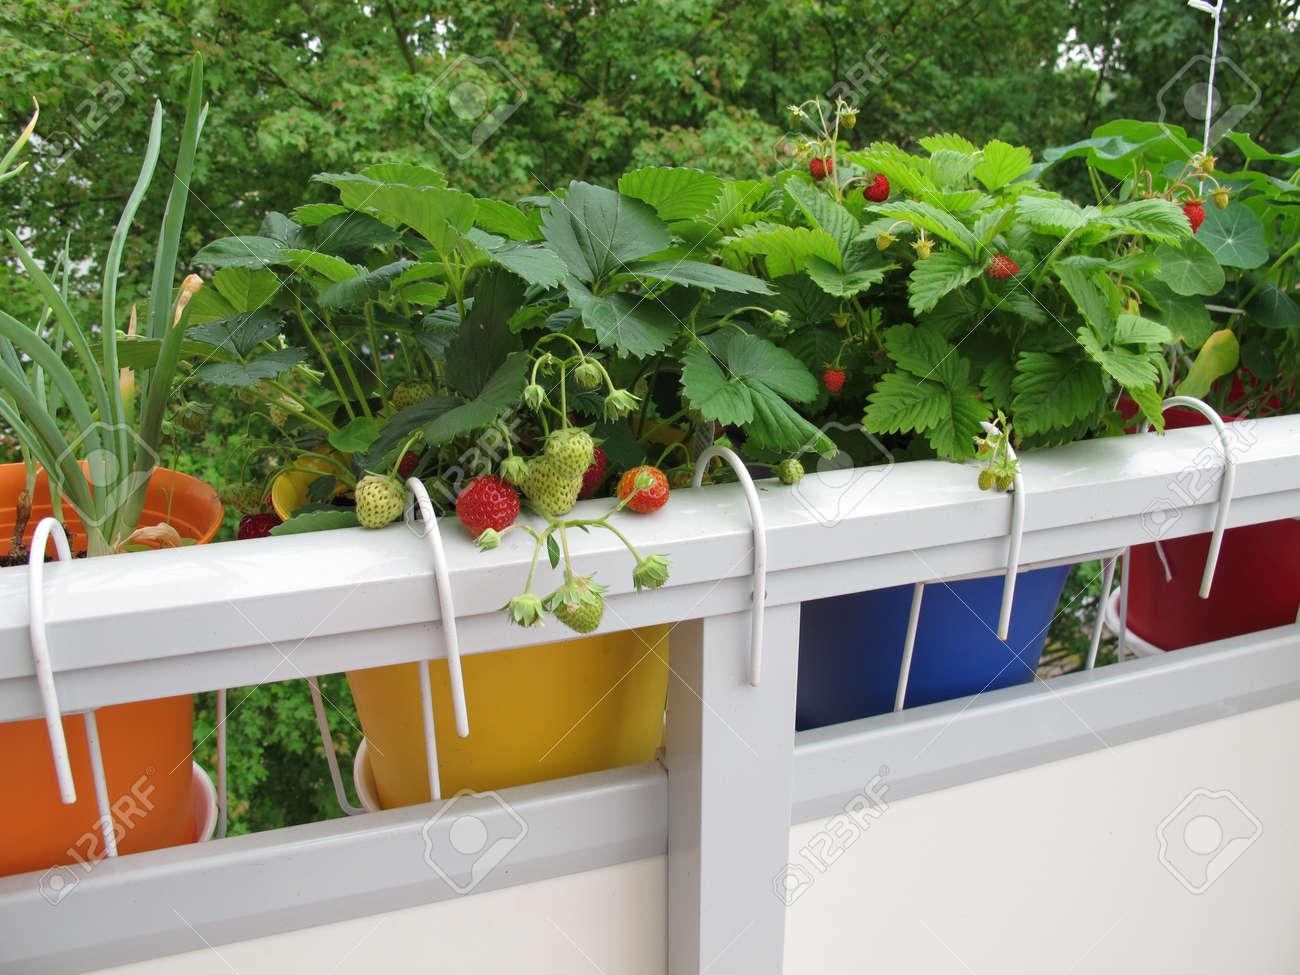 Erdbeeren In Blumentöpfen Auf Dem Balkon Lizenzfreie Fotos, Bilder ...